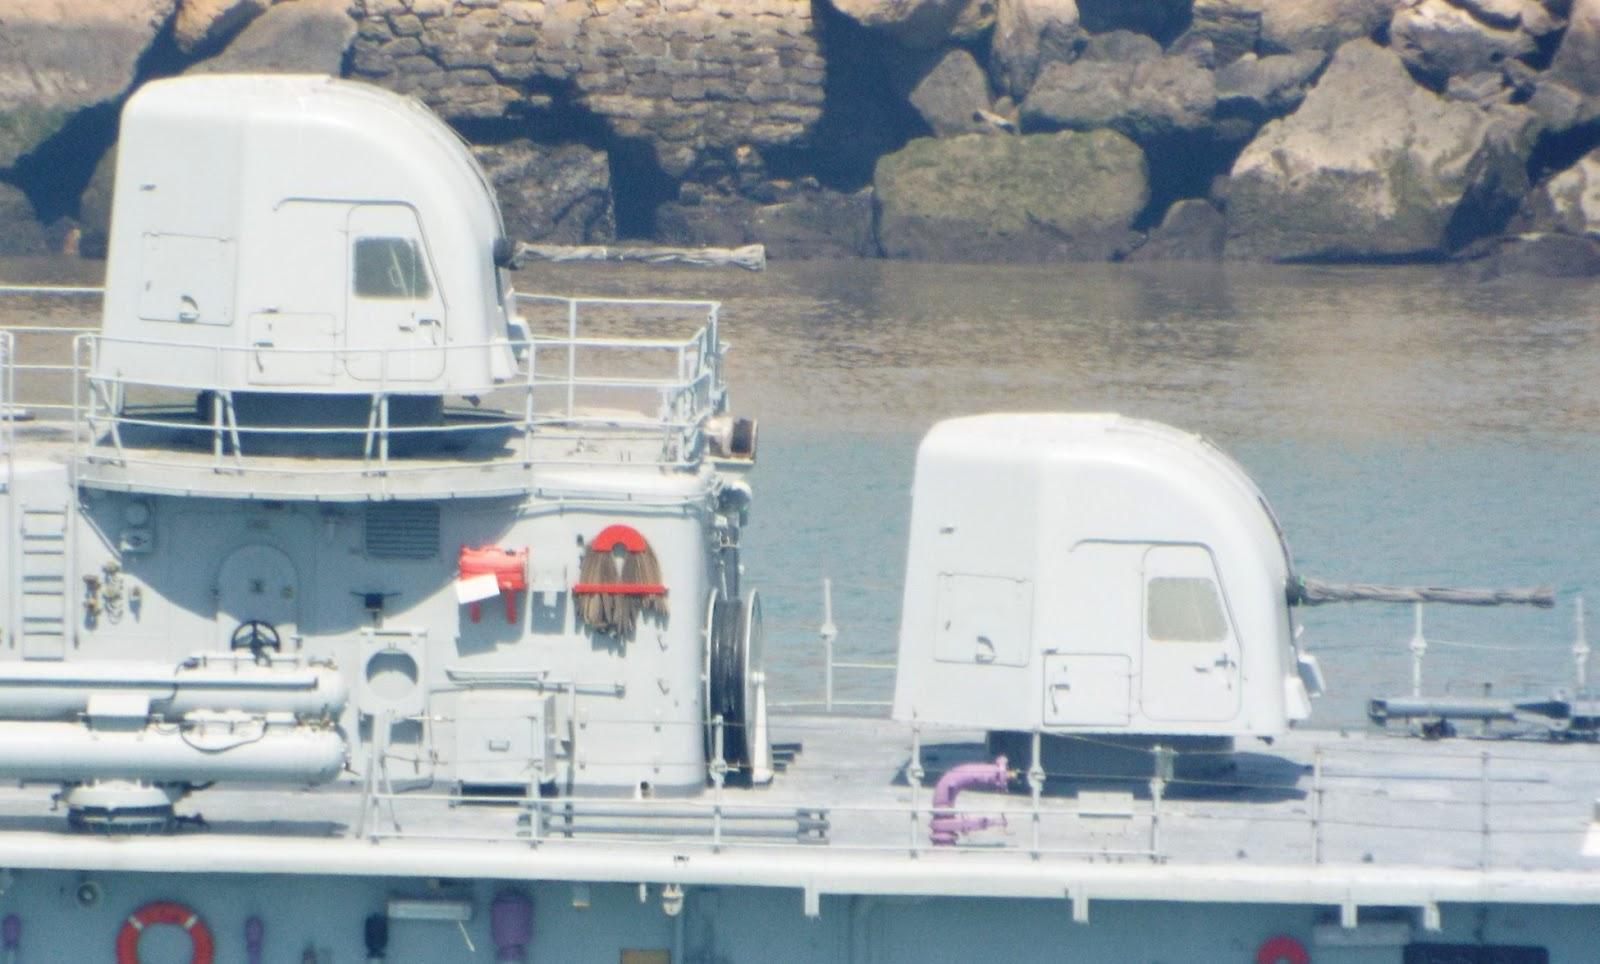 Royal Moroccan Navy Descubierta Frigate / Patrouilleur Océanique Lt Cl Errahmani - Bâtiment École - Page 3 E91c5-descubertia-casablance05